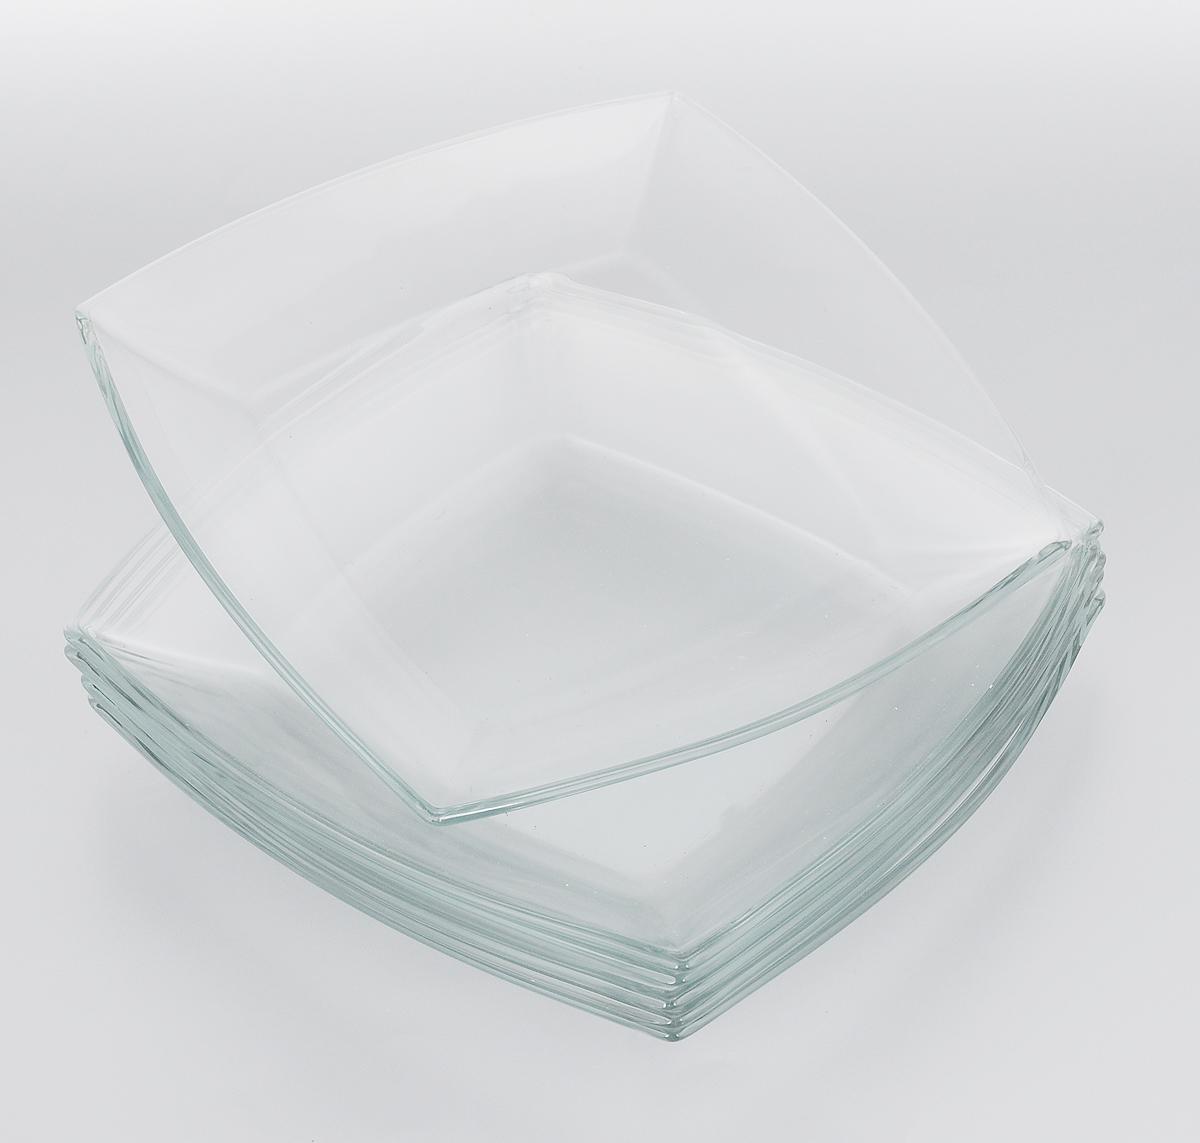 Набор тарелок Pasabahce Tokio, 26,5 х 26,5 см, 6 шт115510Набор Pasabahce Tokio состоит из шести тарелок, выполненных из закаленного прозрачного стекла. Тарелки предназначены для красивой сервировки блюд. Они сочетают в себе изысканный дизайн с максимальной функциональностью. Оригинальность оформления тарелок придется по вкусу и ценителям классики, и тем, кто предпочитает утонченность и изящность. Набор тарелок Pasabahce Tokio послужит отличным подарком к любому празднику. Можно использовать в микроволновой печи, холодильнике и морозильной камере, также мыть в посудомоечной машине.Размер тарелок: 26,5 х 26,5 см.